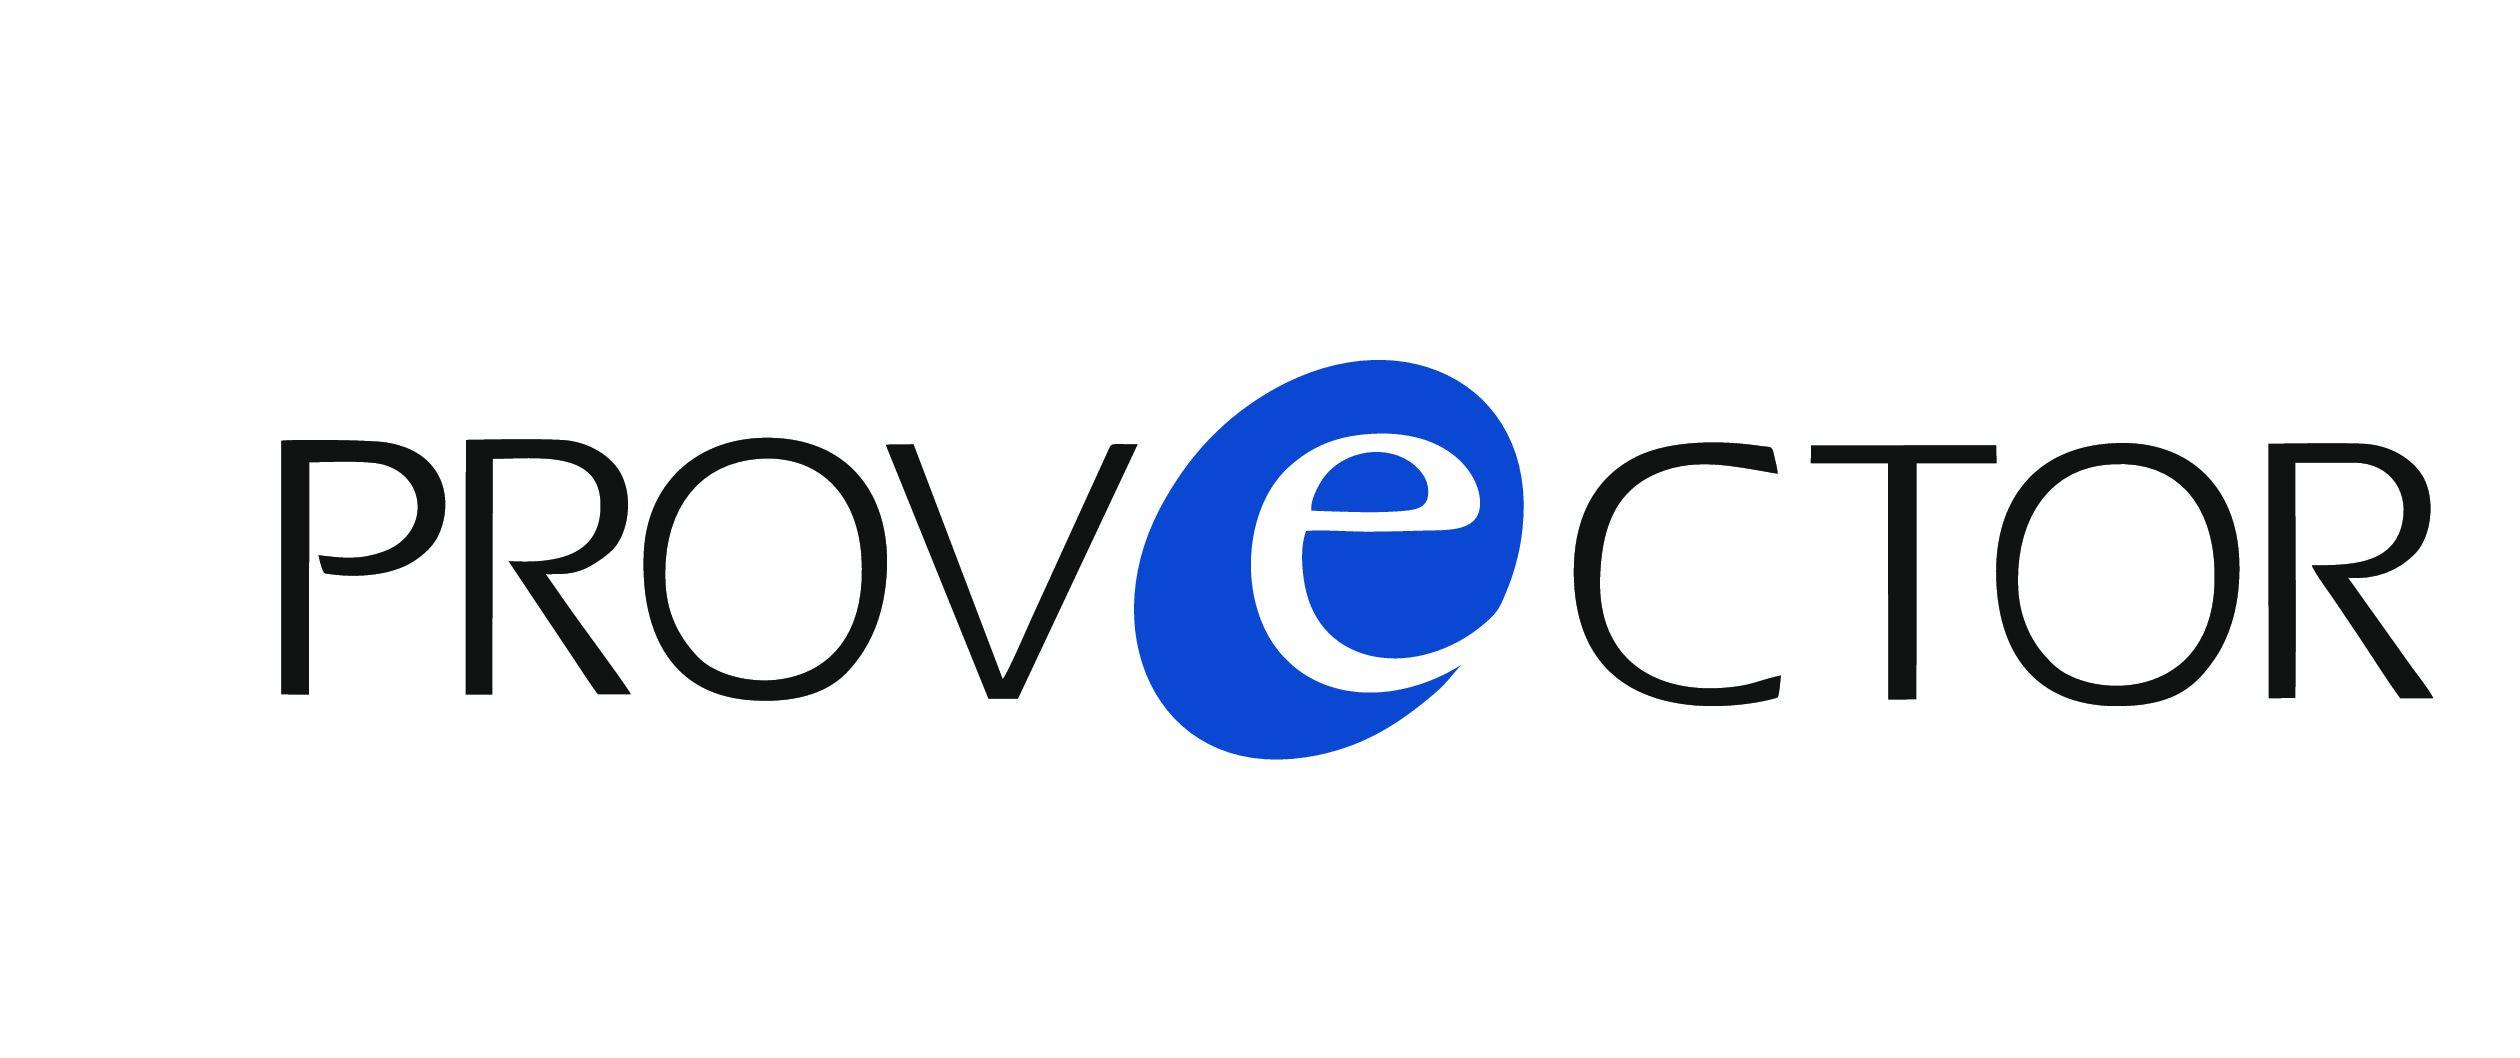 provector logo